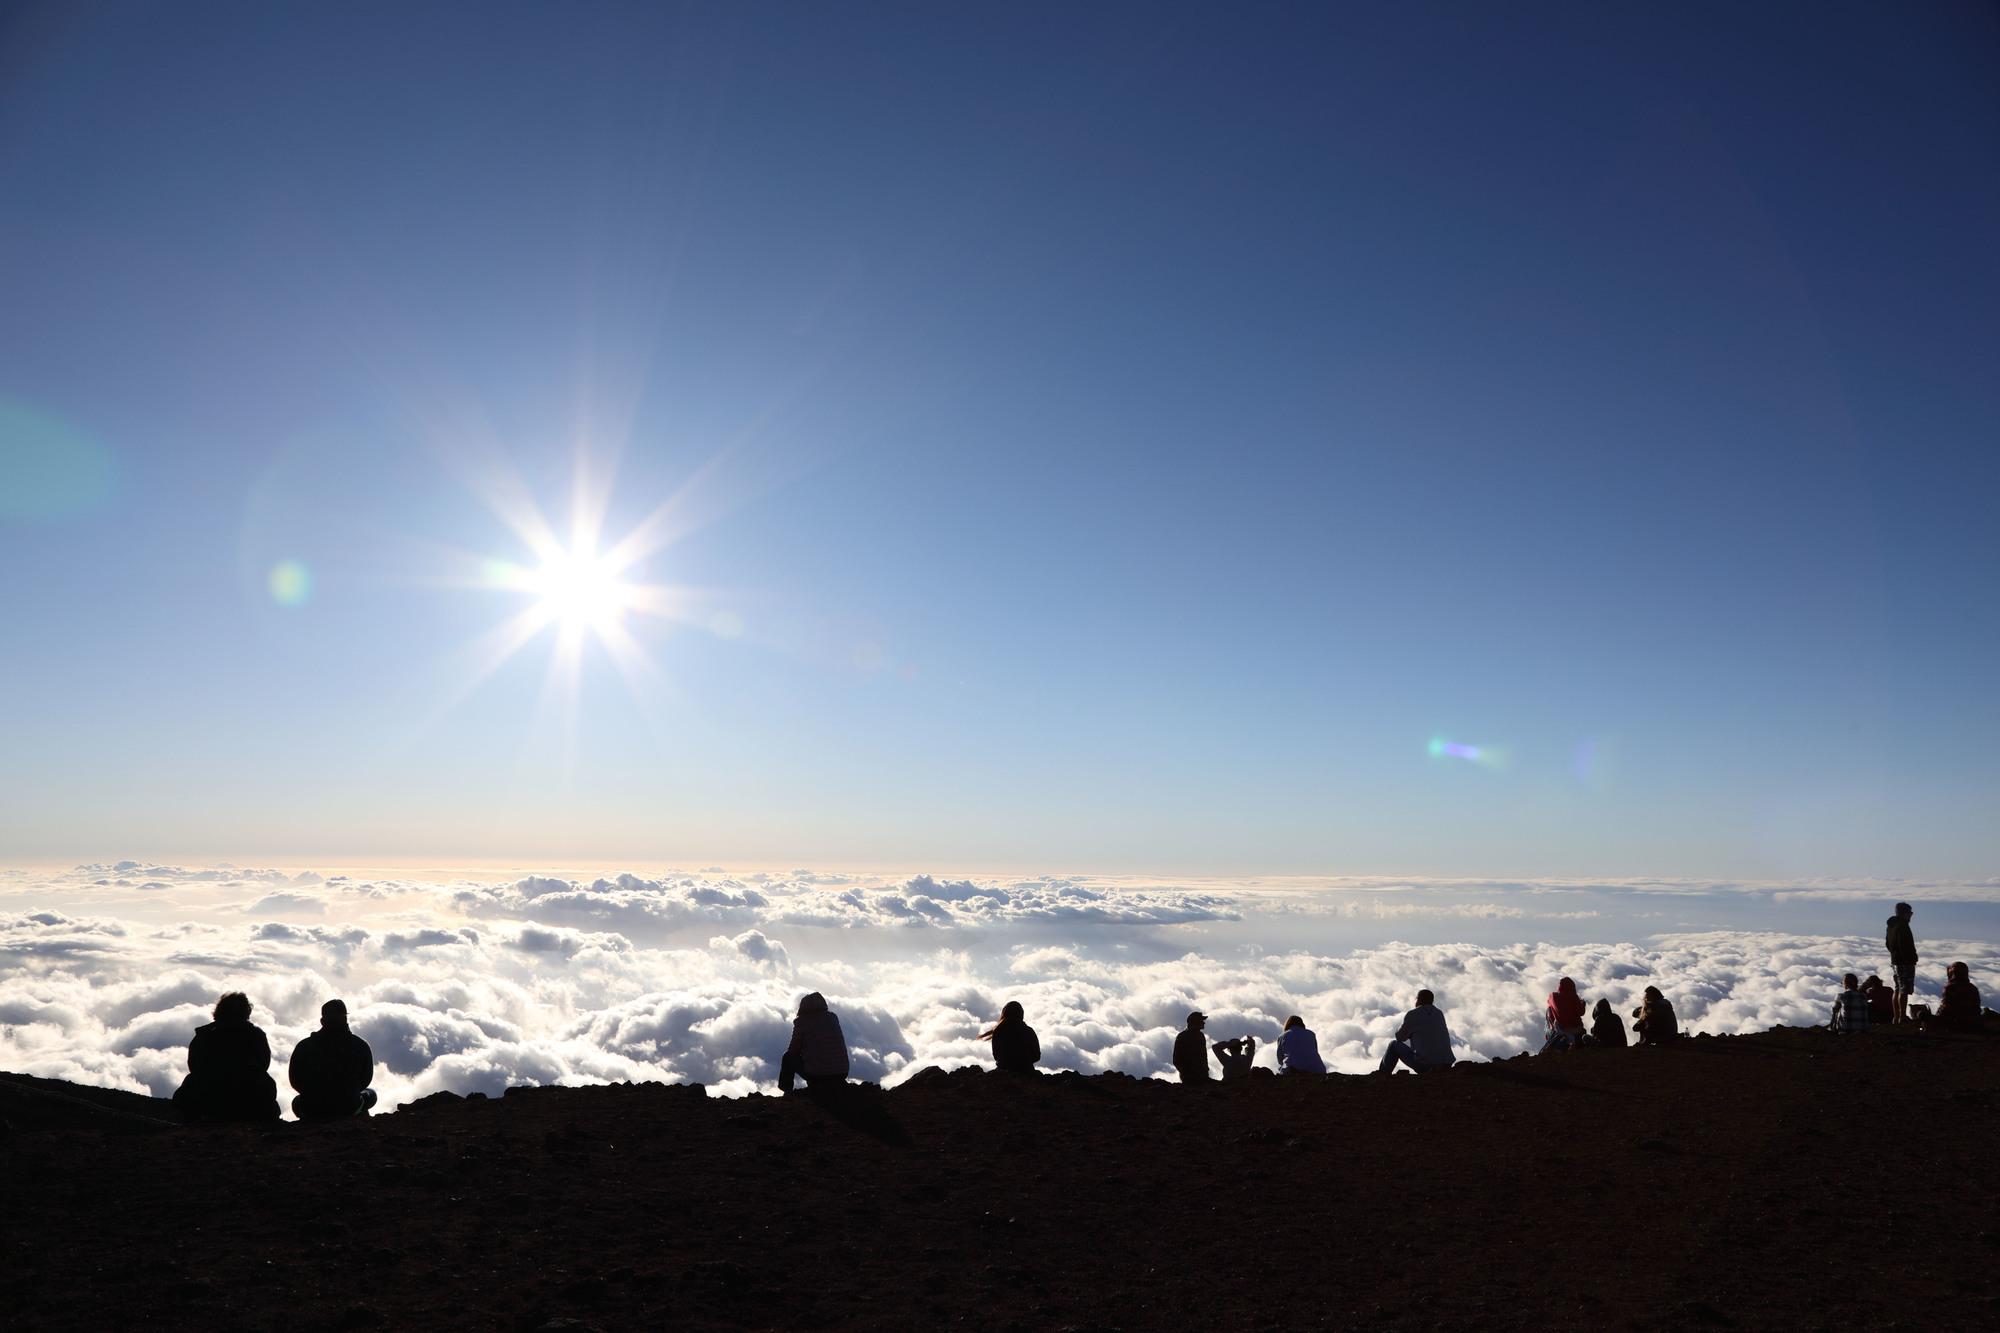 ハレアカラ山/Haleakala